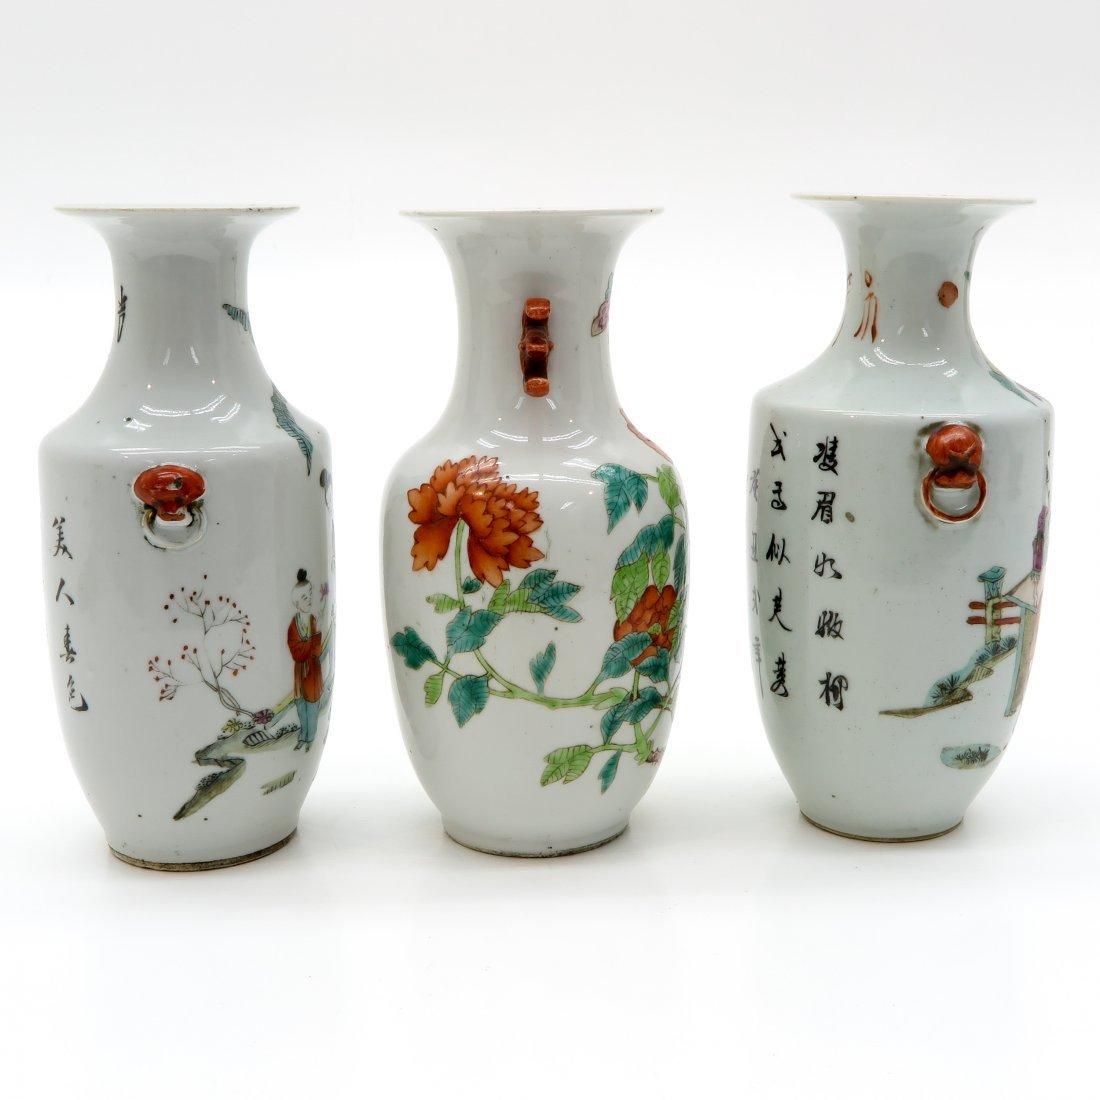 Lot of 3 Republic Period Vases - 4